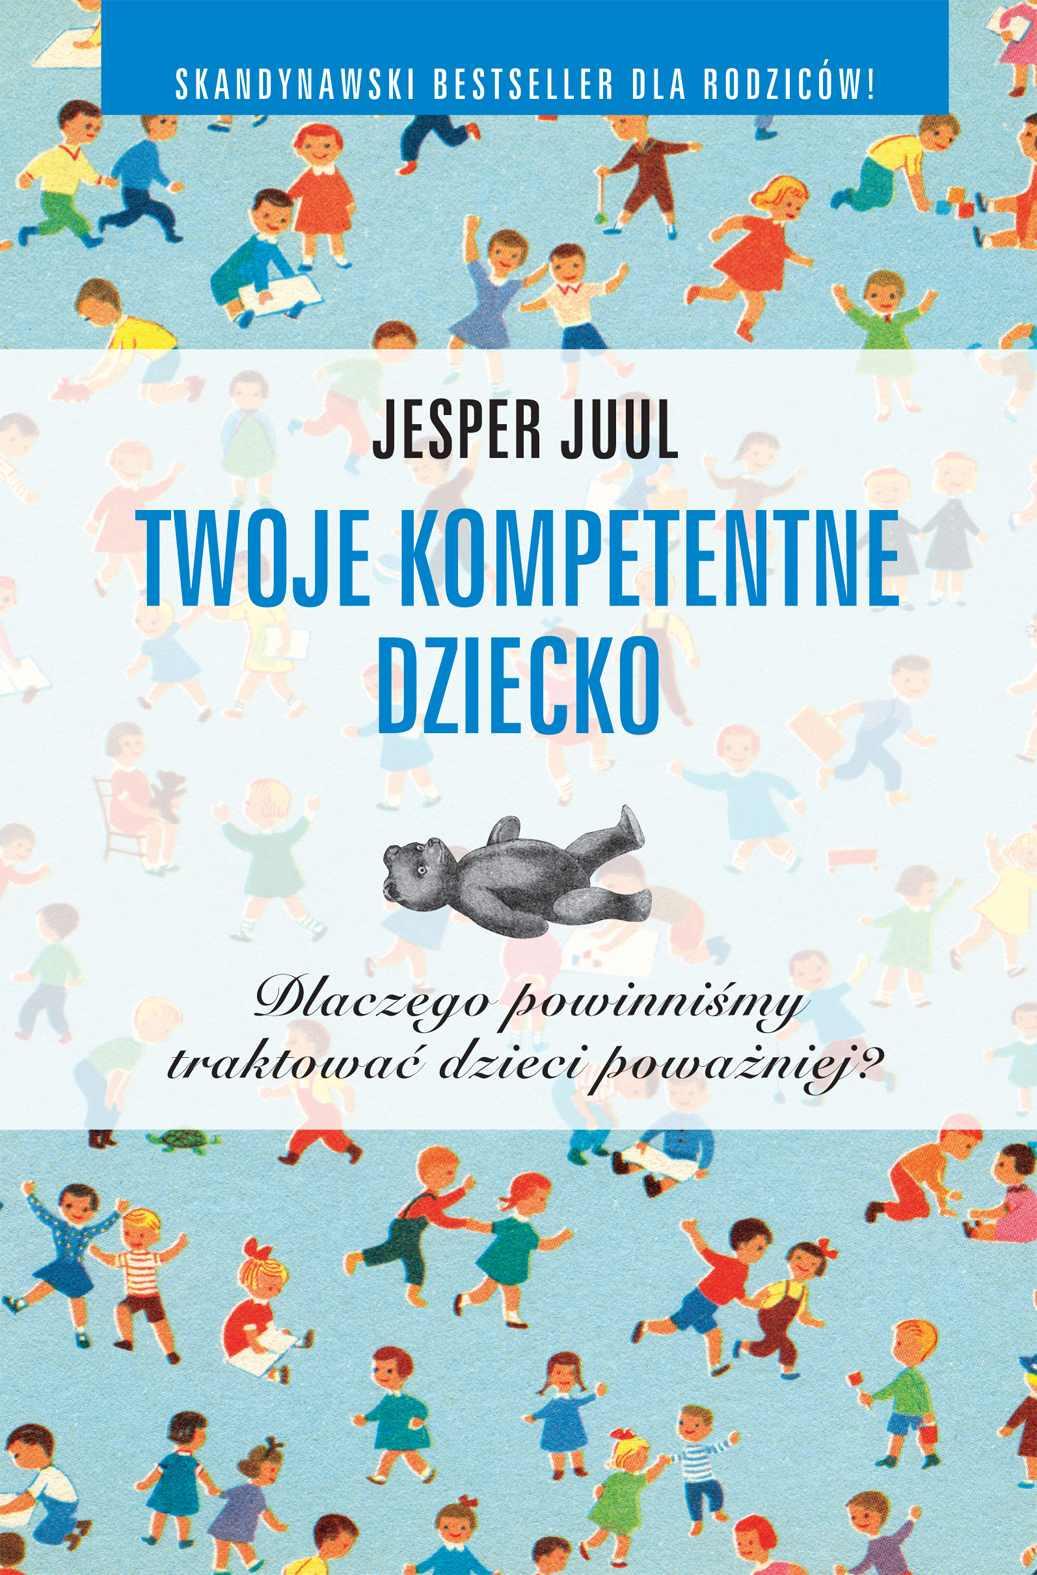 Twoje kompetentne dziecko. Dlaczego powinniśmy traktować dzieci poważniej? - Ebook (Książka PDF) do pobrania w formacie PDF